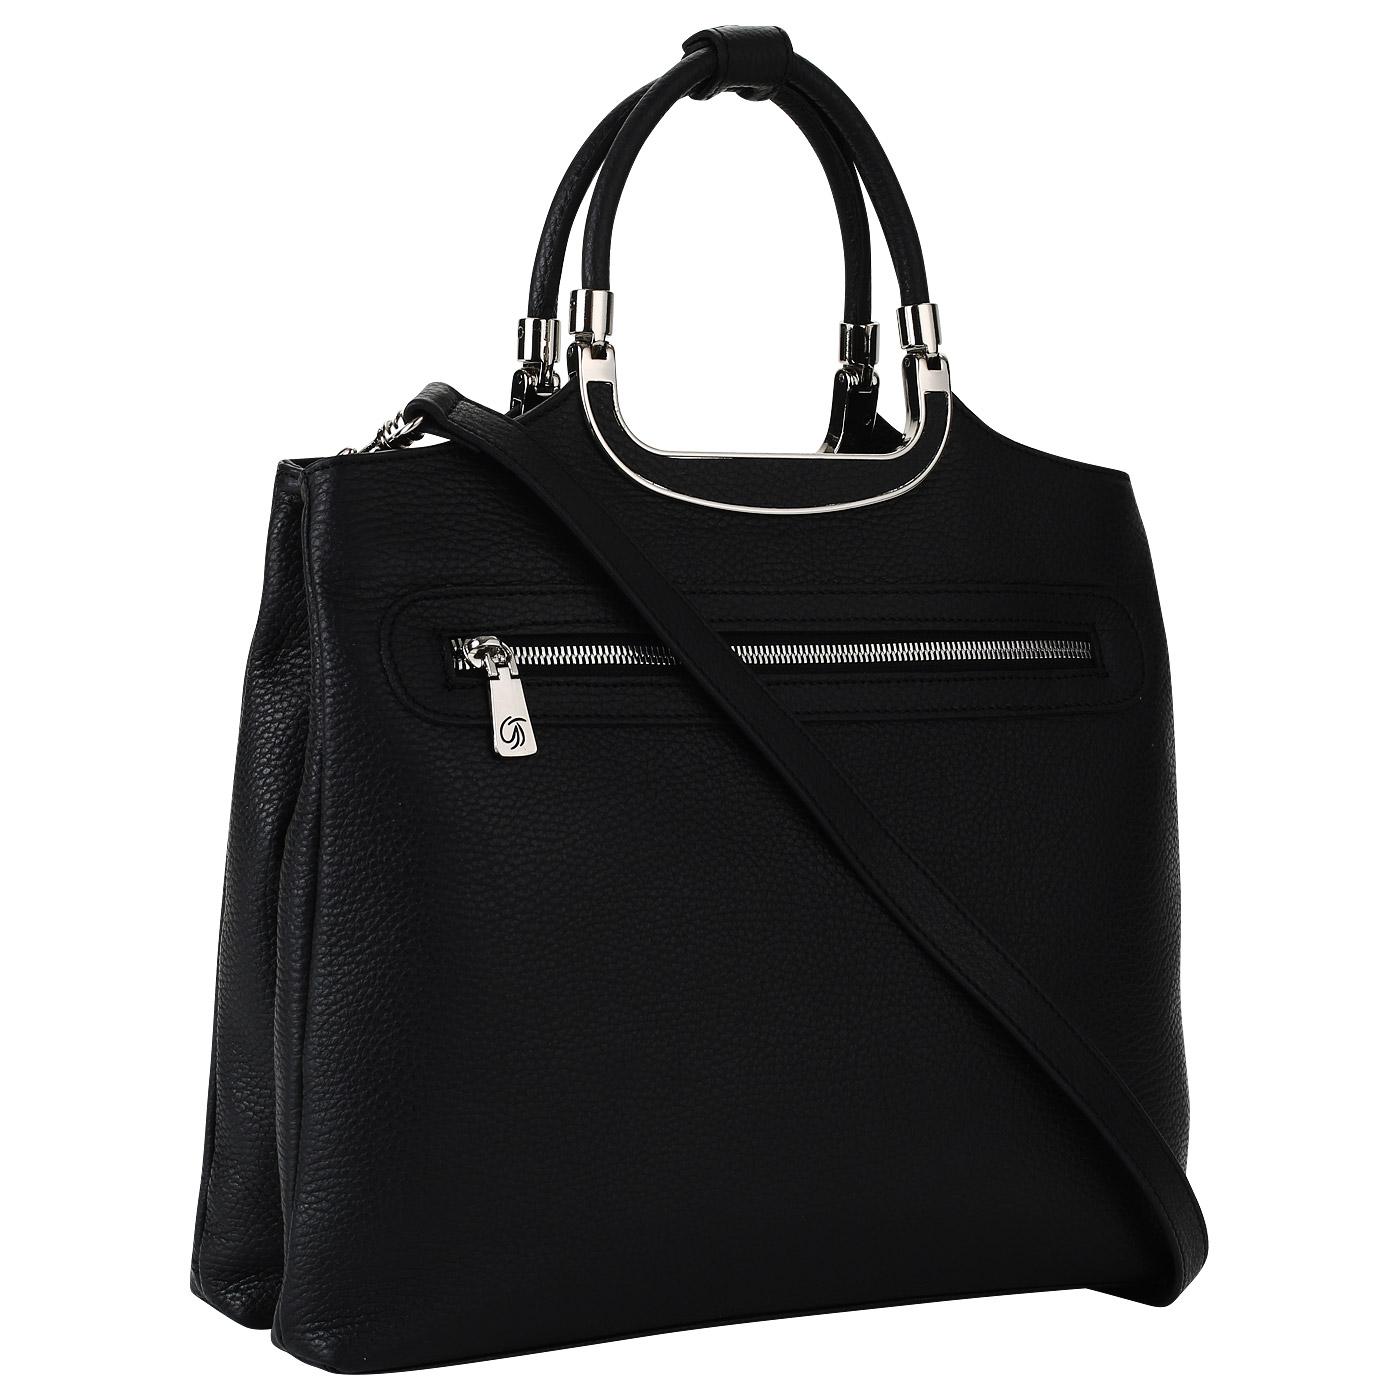 d0cb8cc3 Женские сумки Gilda Tonelli - каталог цен, где купить в интернет ...